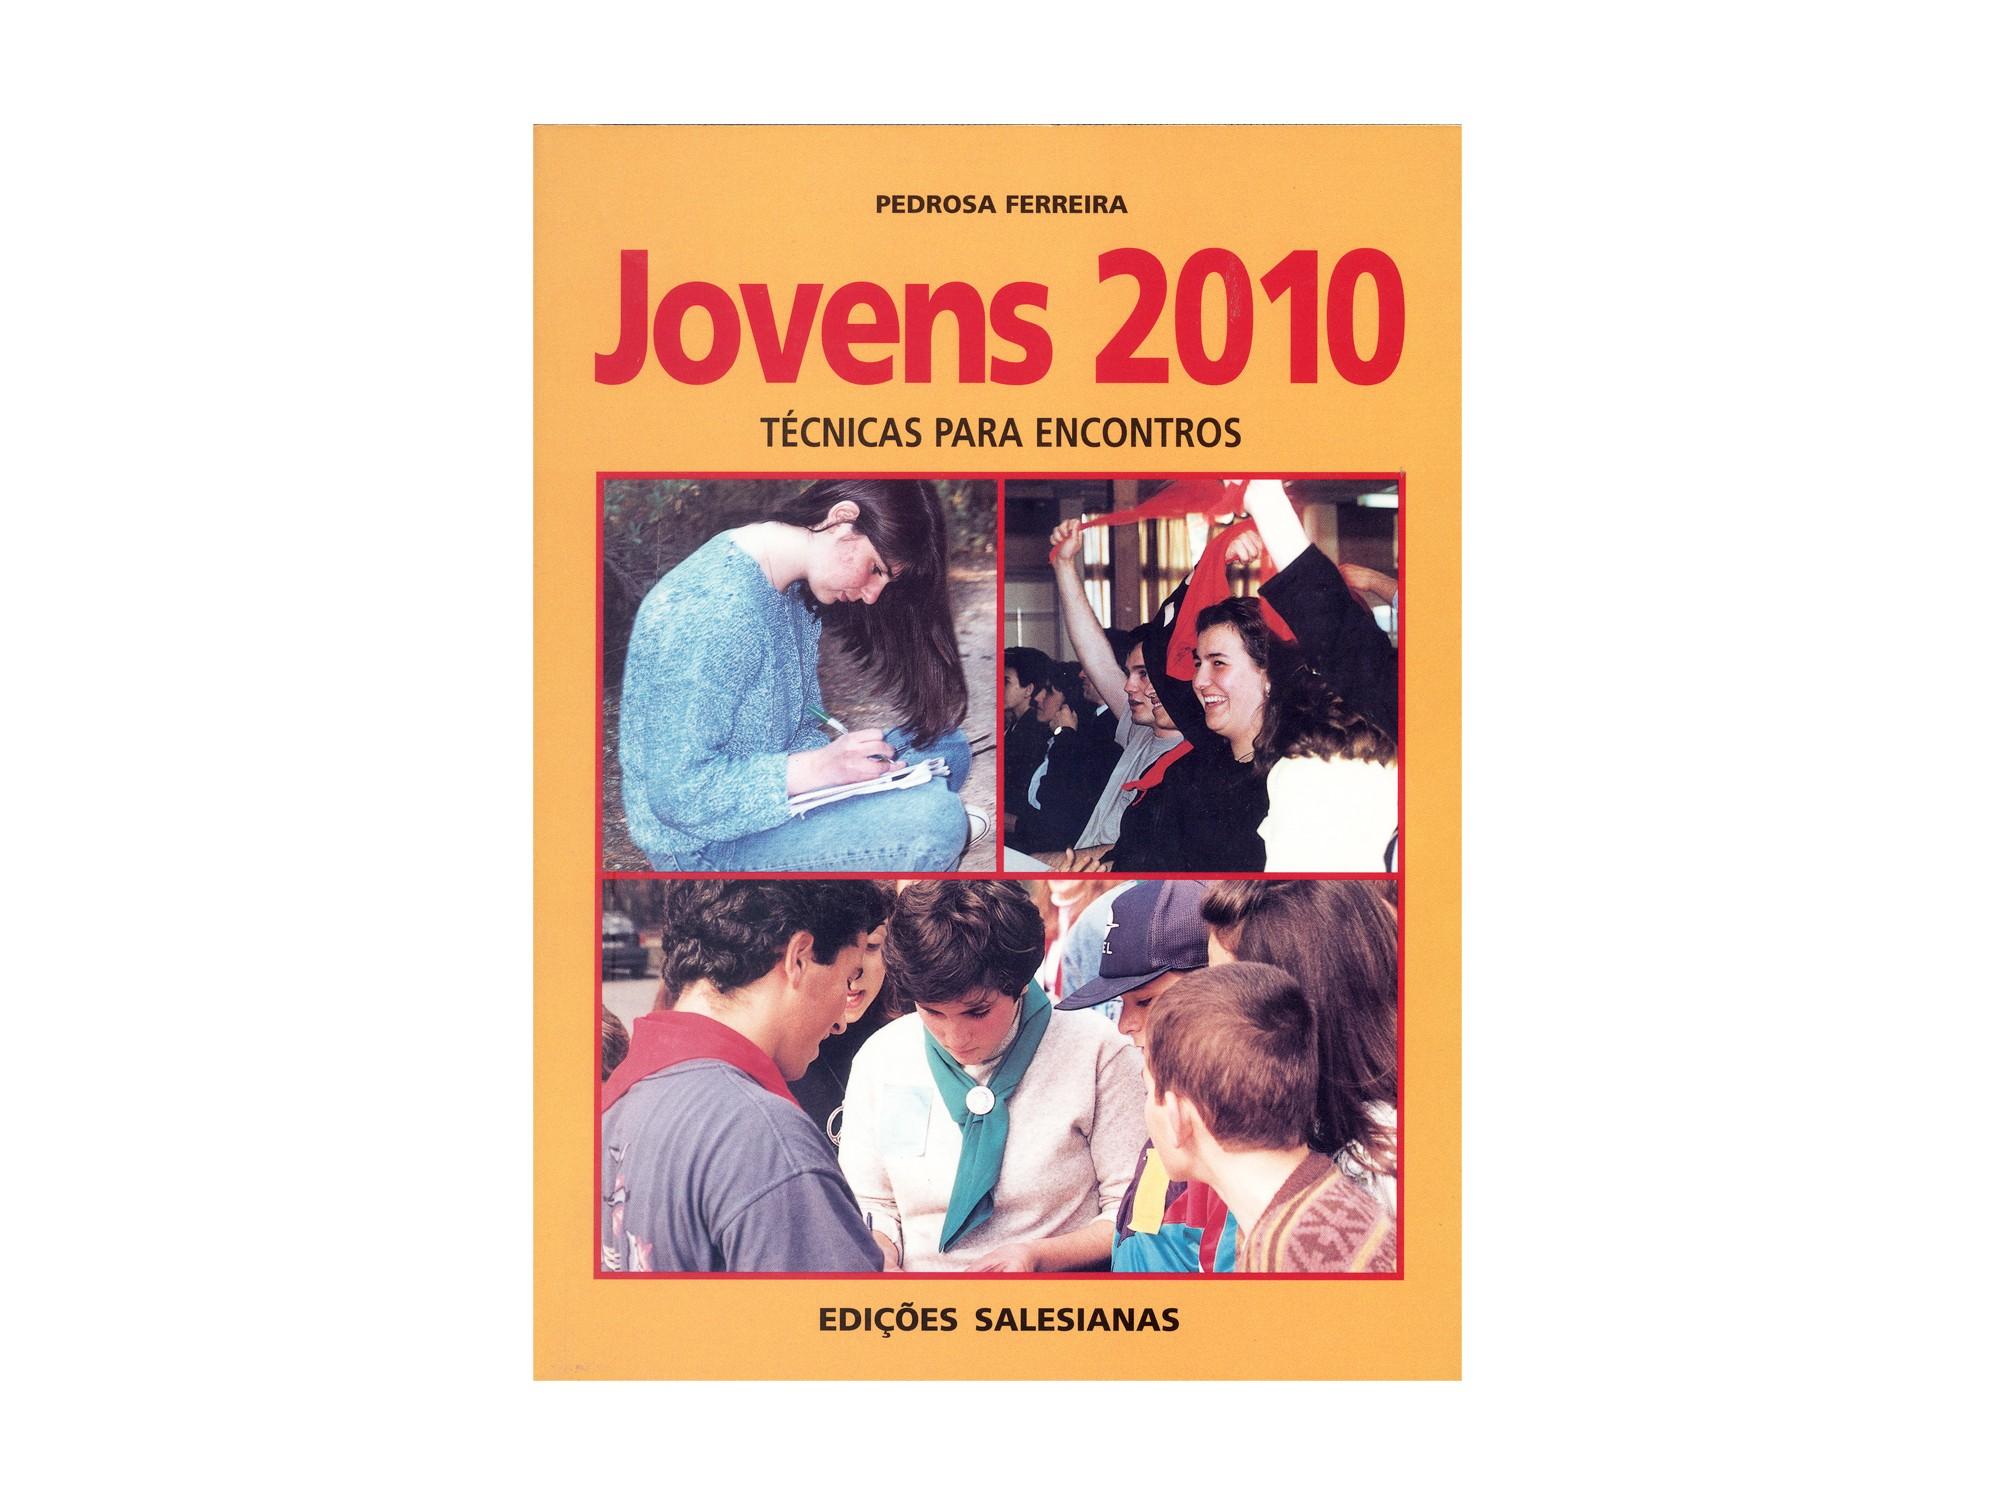 Jovens 2010